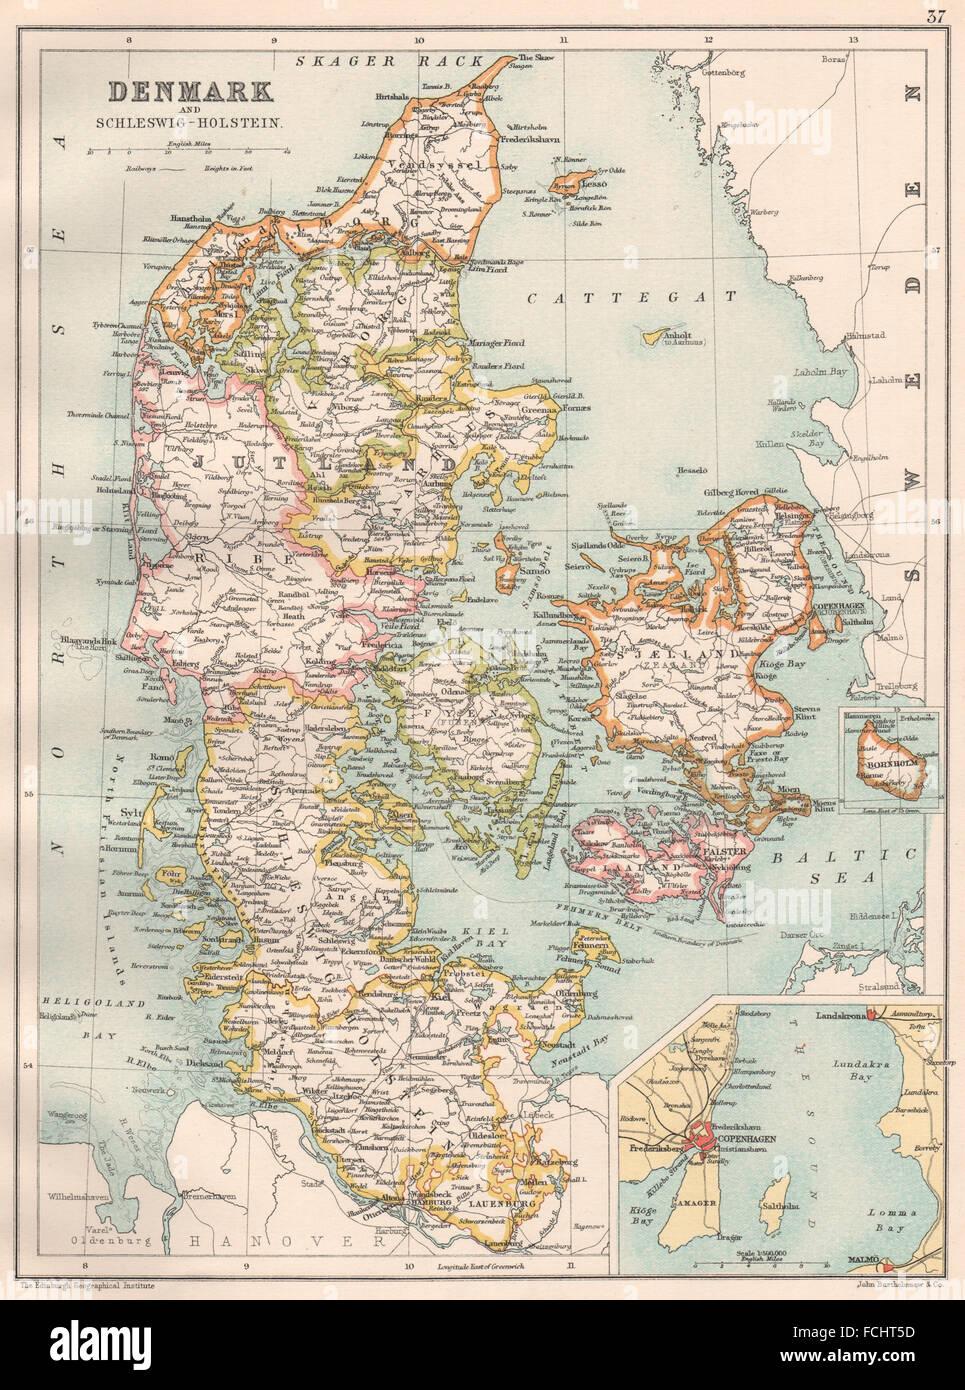 DENMARK:with Schleswig-Holstein;Inset Copenhagen;Bornholm.BARTHOLOMEW, 1891 map - Stock Image